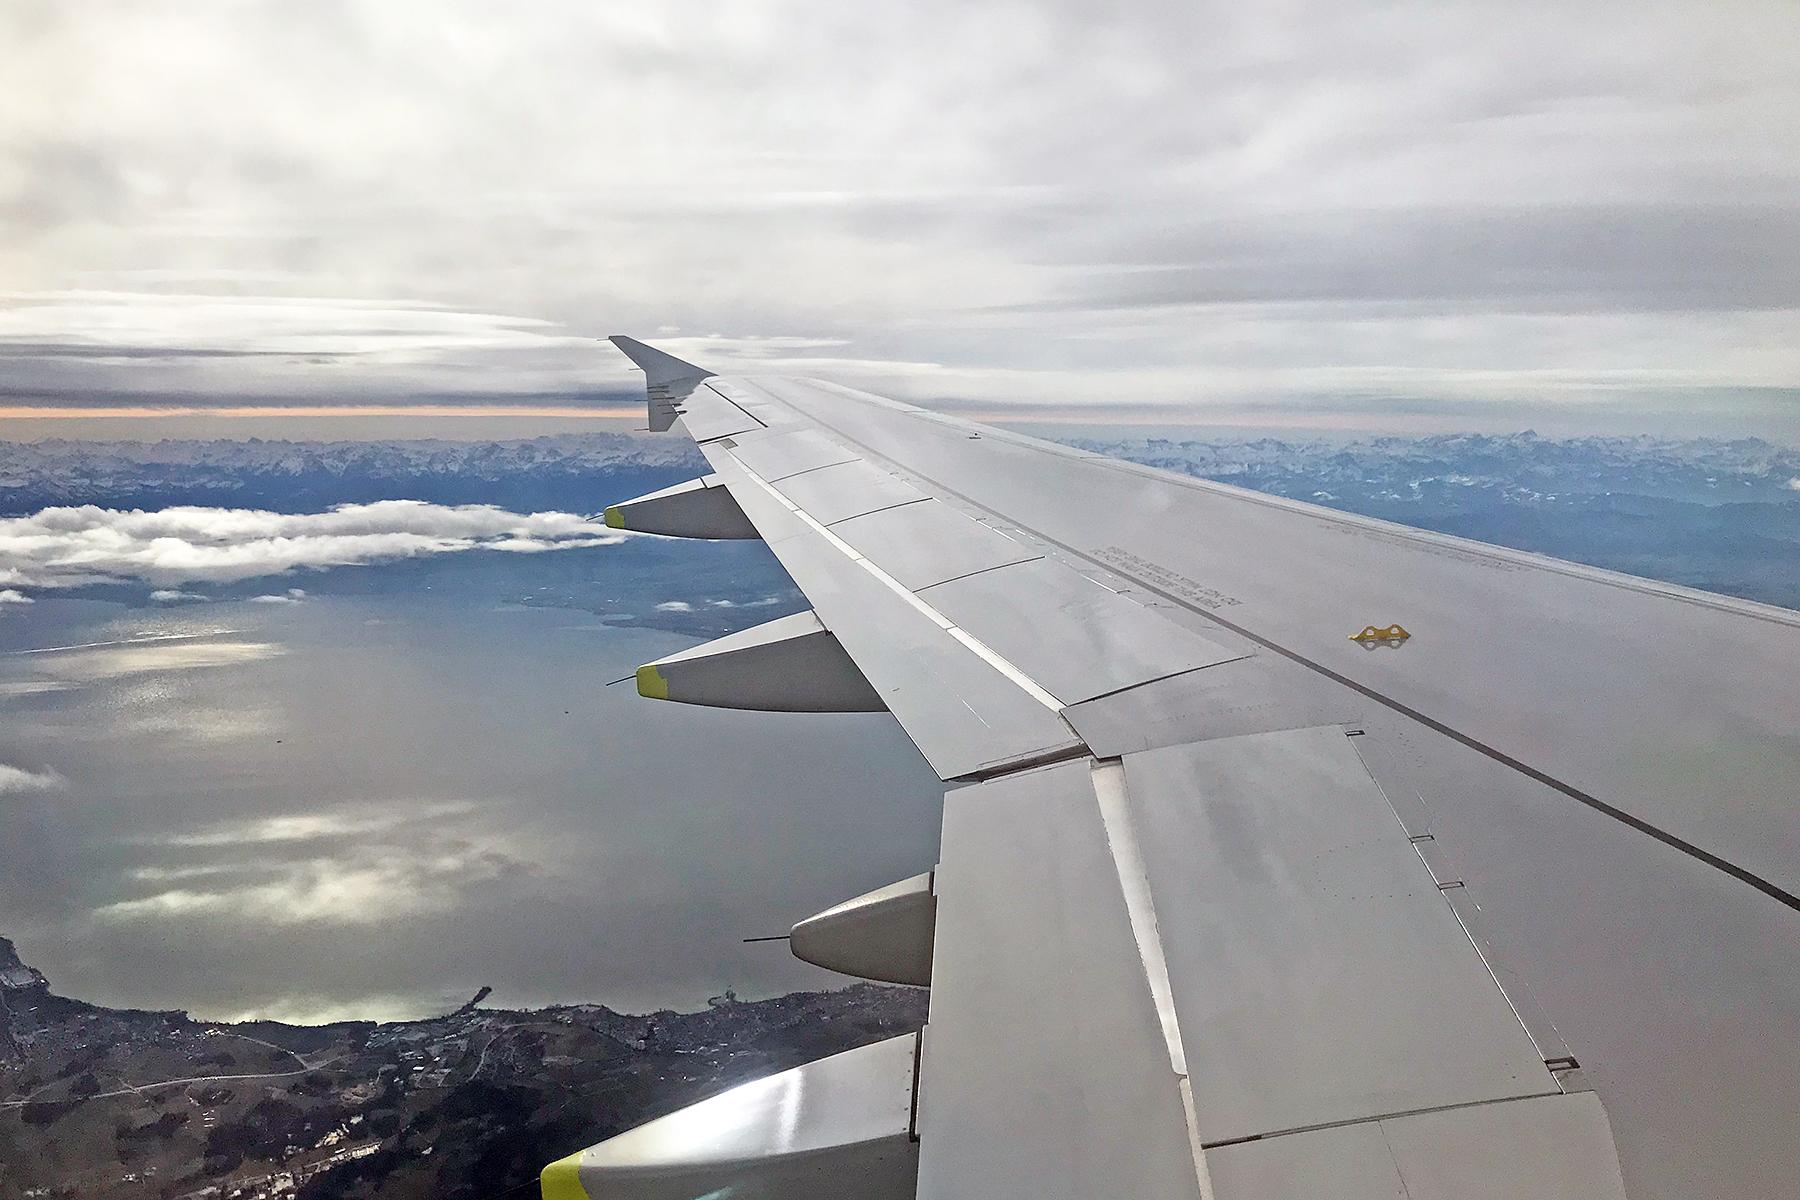 Fliegen in Zeiten von Corona: 9 Tipps, wie Flugpassagiere sich schützen können